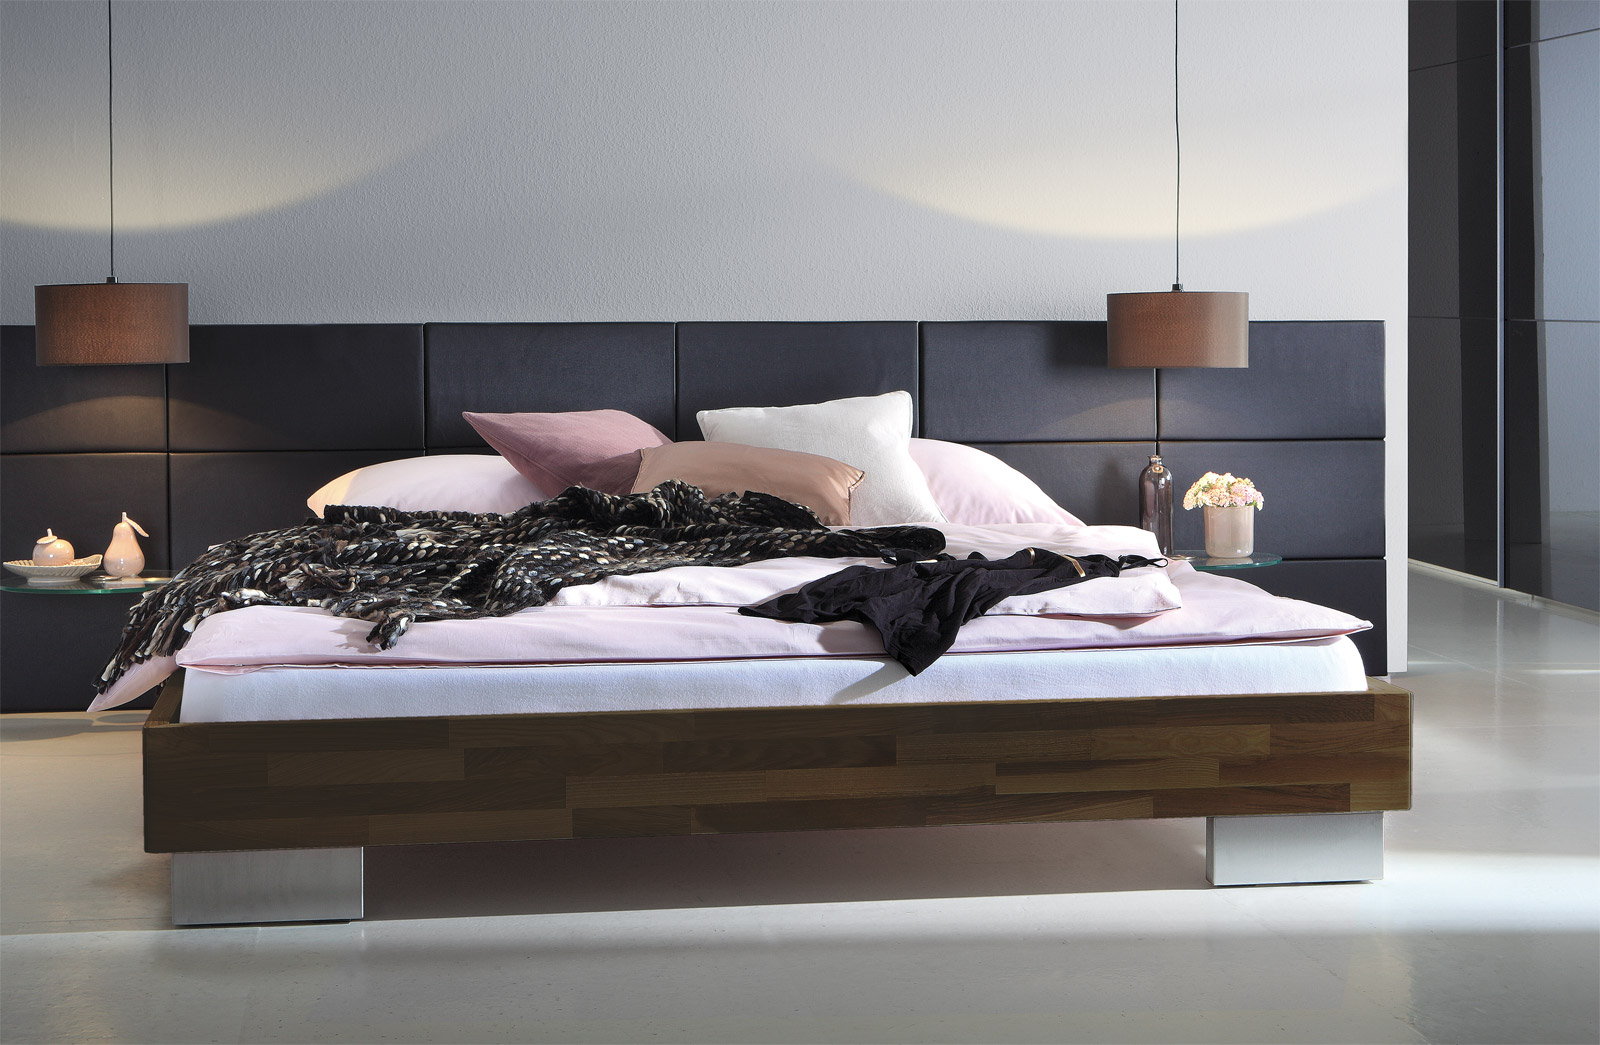 Gro?es Bett In Kleinem Schlafzimmer – Howbel.com